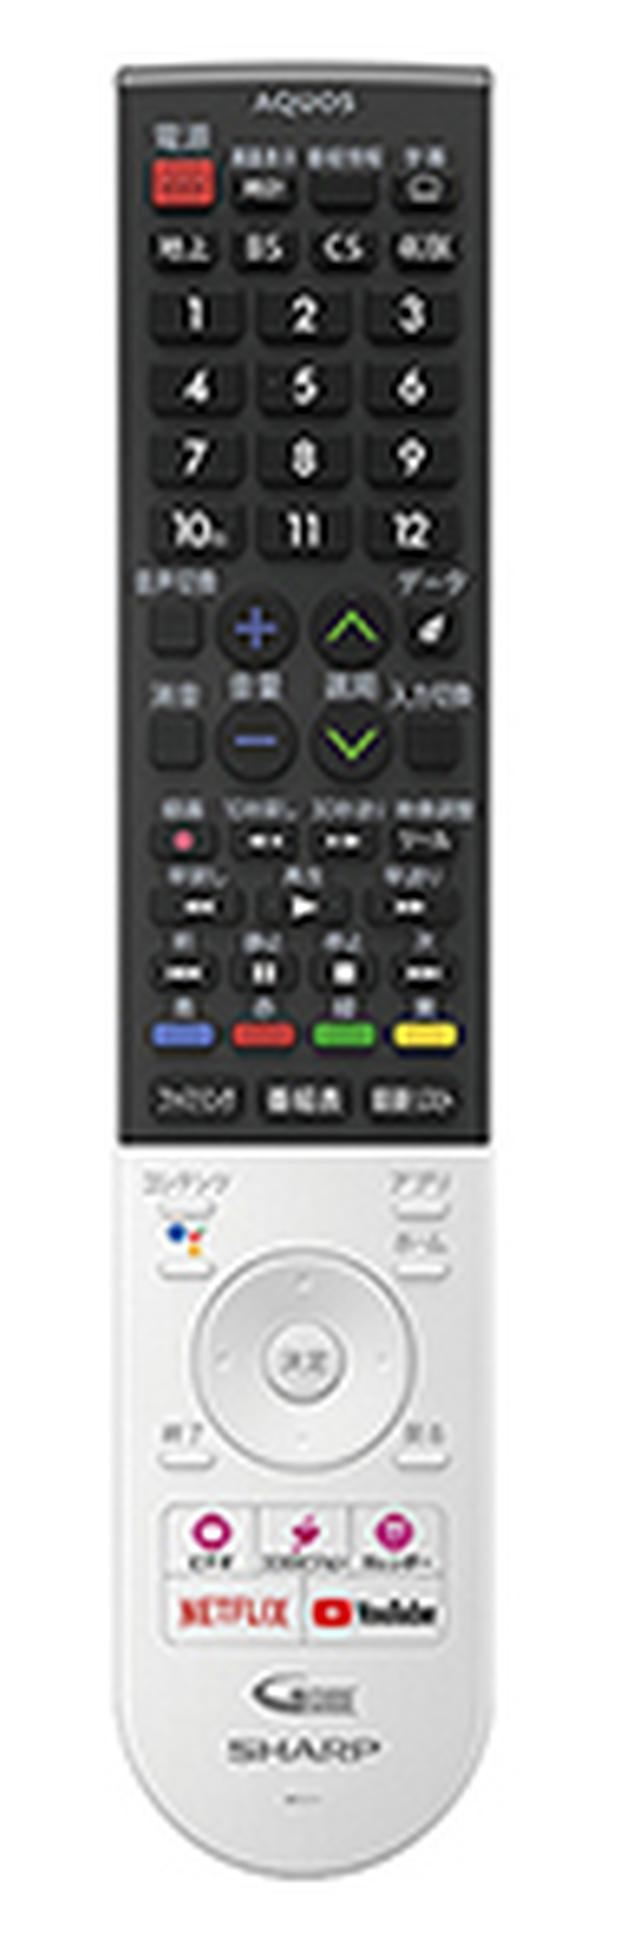 画像: 放送中、リモコンの「静止」ボタンを押すと、動画と静止画の2画面になり、料理のレシピを確認することもできる。